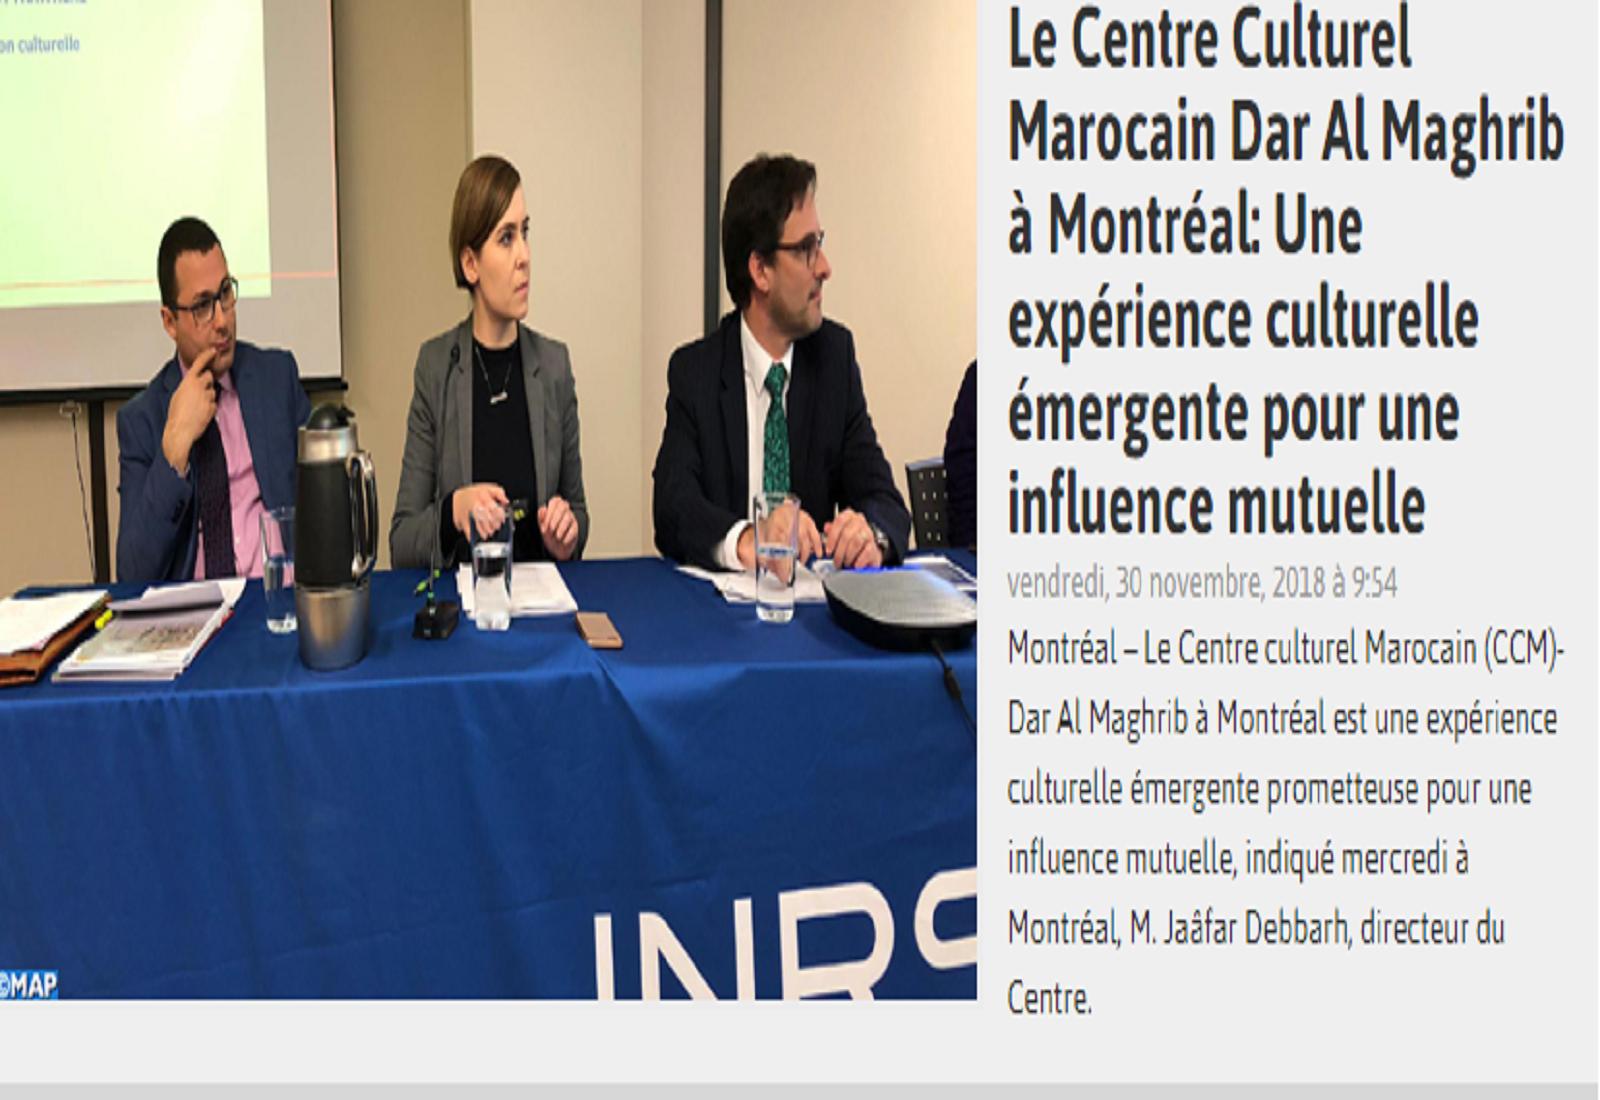 Dar Al Maghrib à Montréal: Une expérience culturelle émergente pour une influence mutuelle